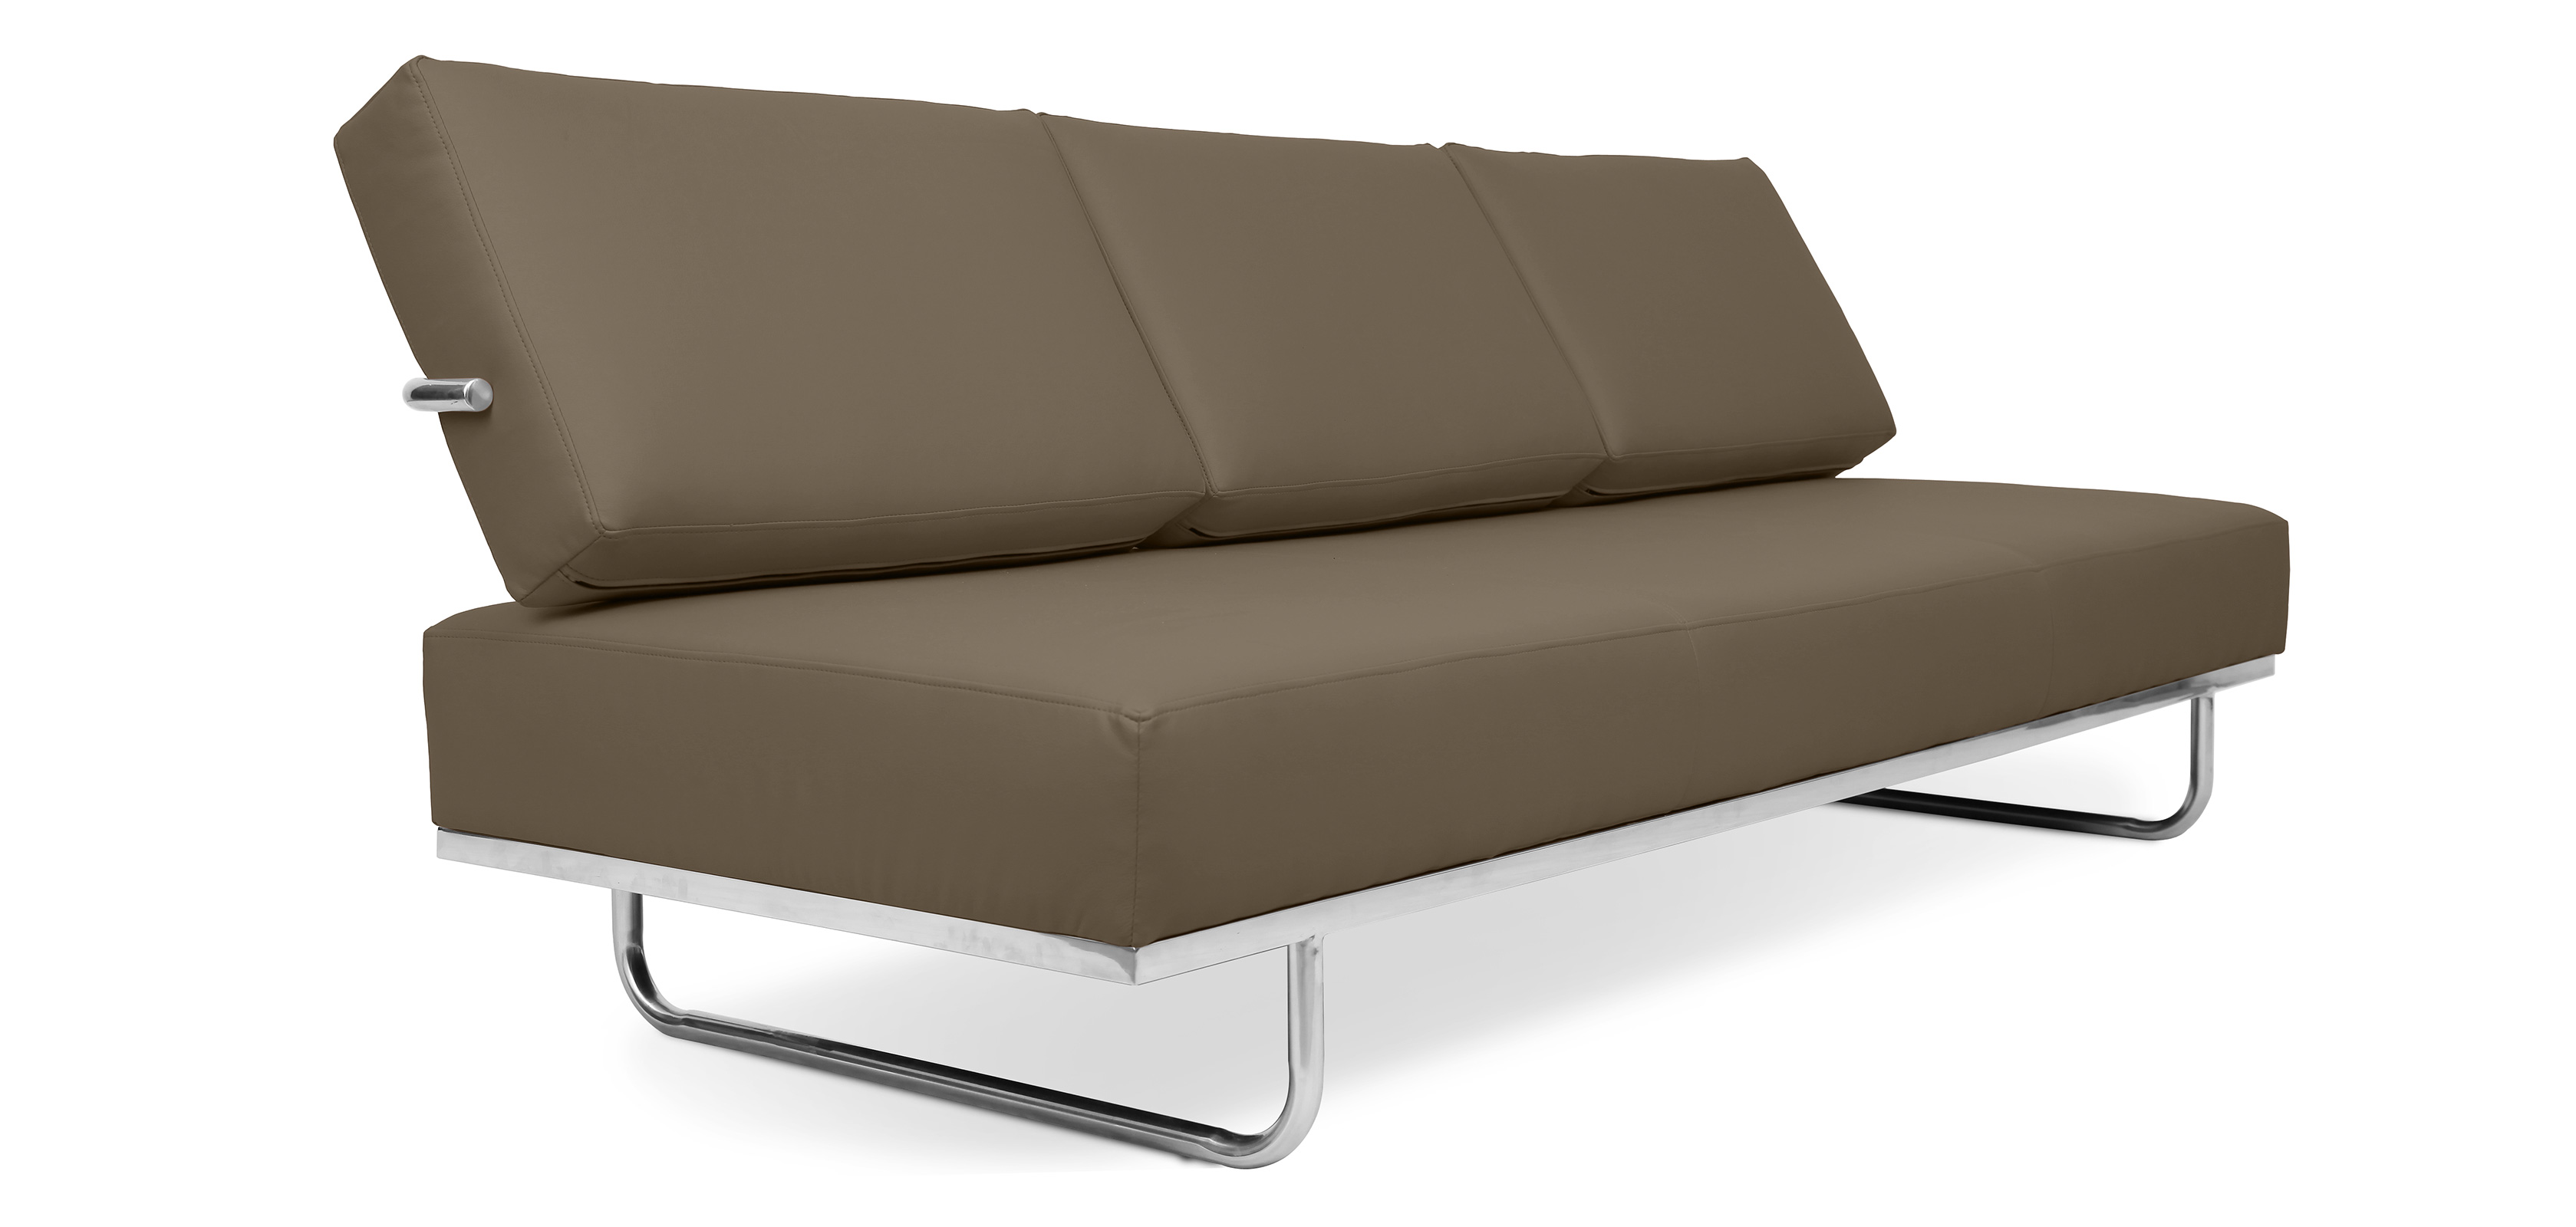 Divano letto lc5 convertibile charles le corbusier pelle for Divano pelle letto